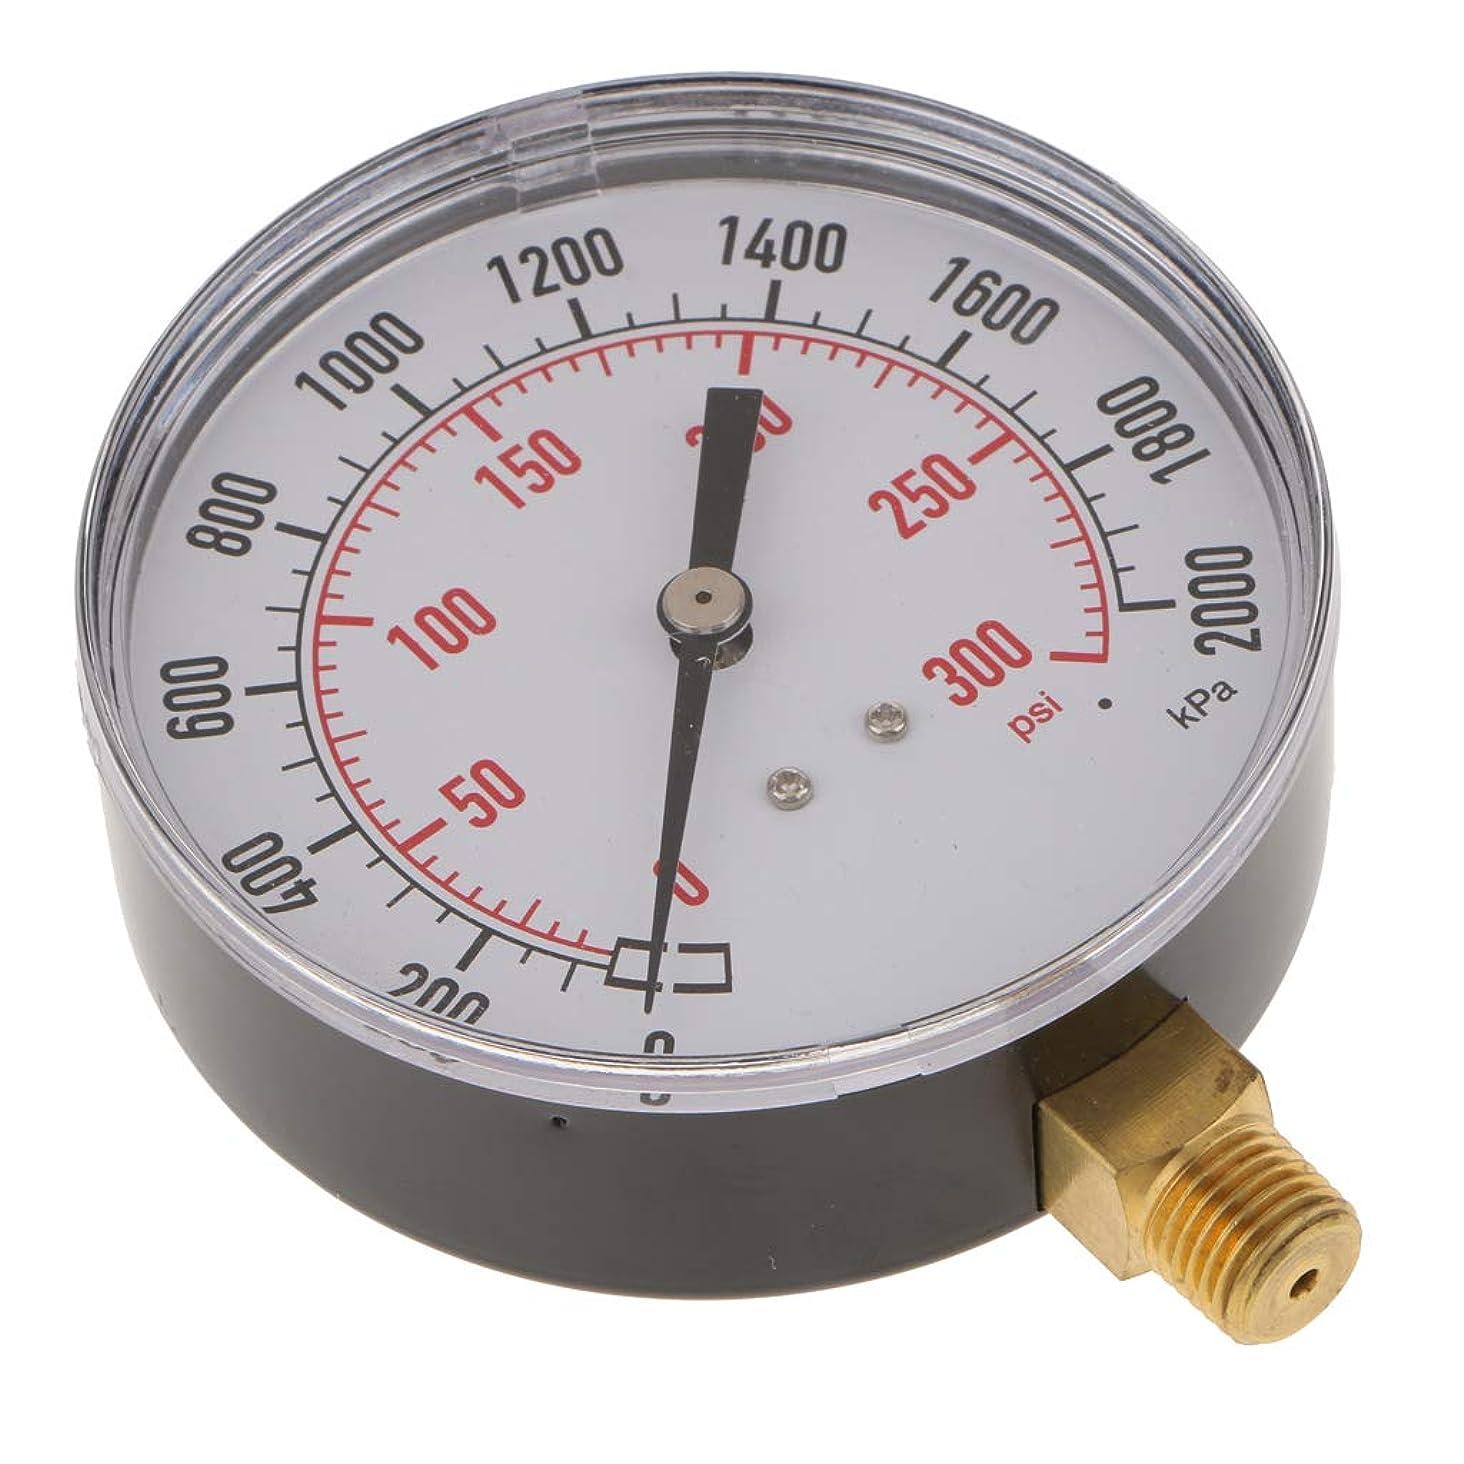 犠牲モーテル負担Fenteer 空気圧ゲージ エアコンプレッサーメーター 0-2000kpa 0-300psi サイドマウント 1/4インチ  - TS-Y91